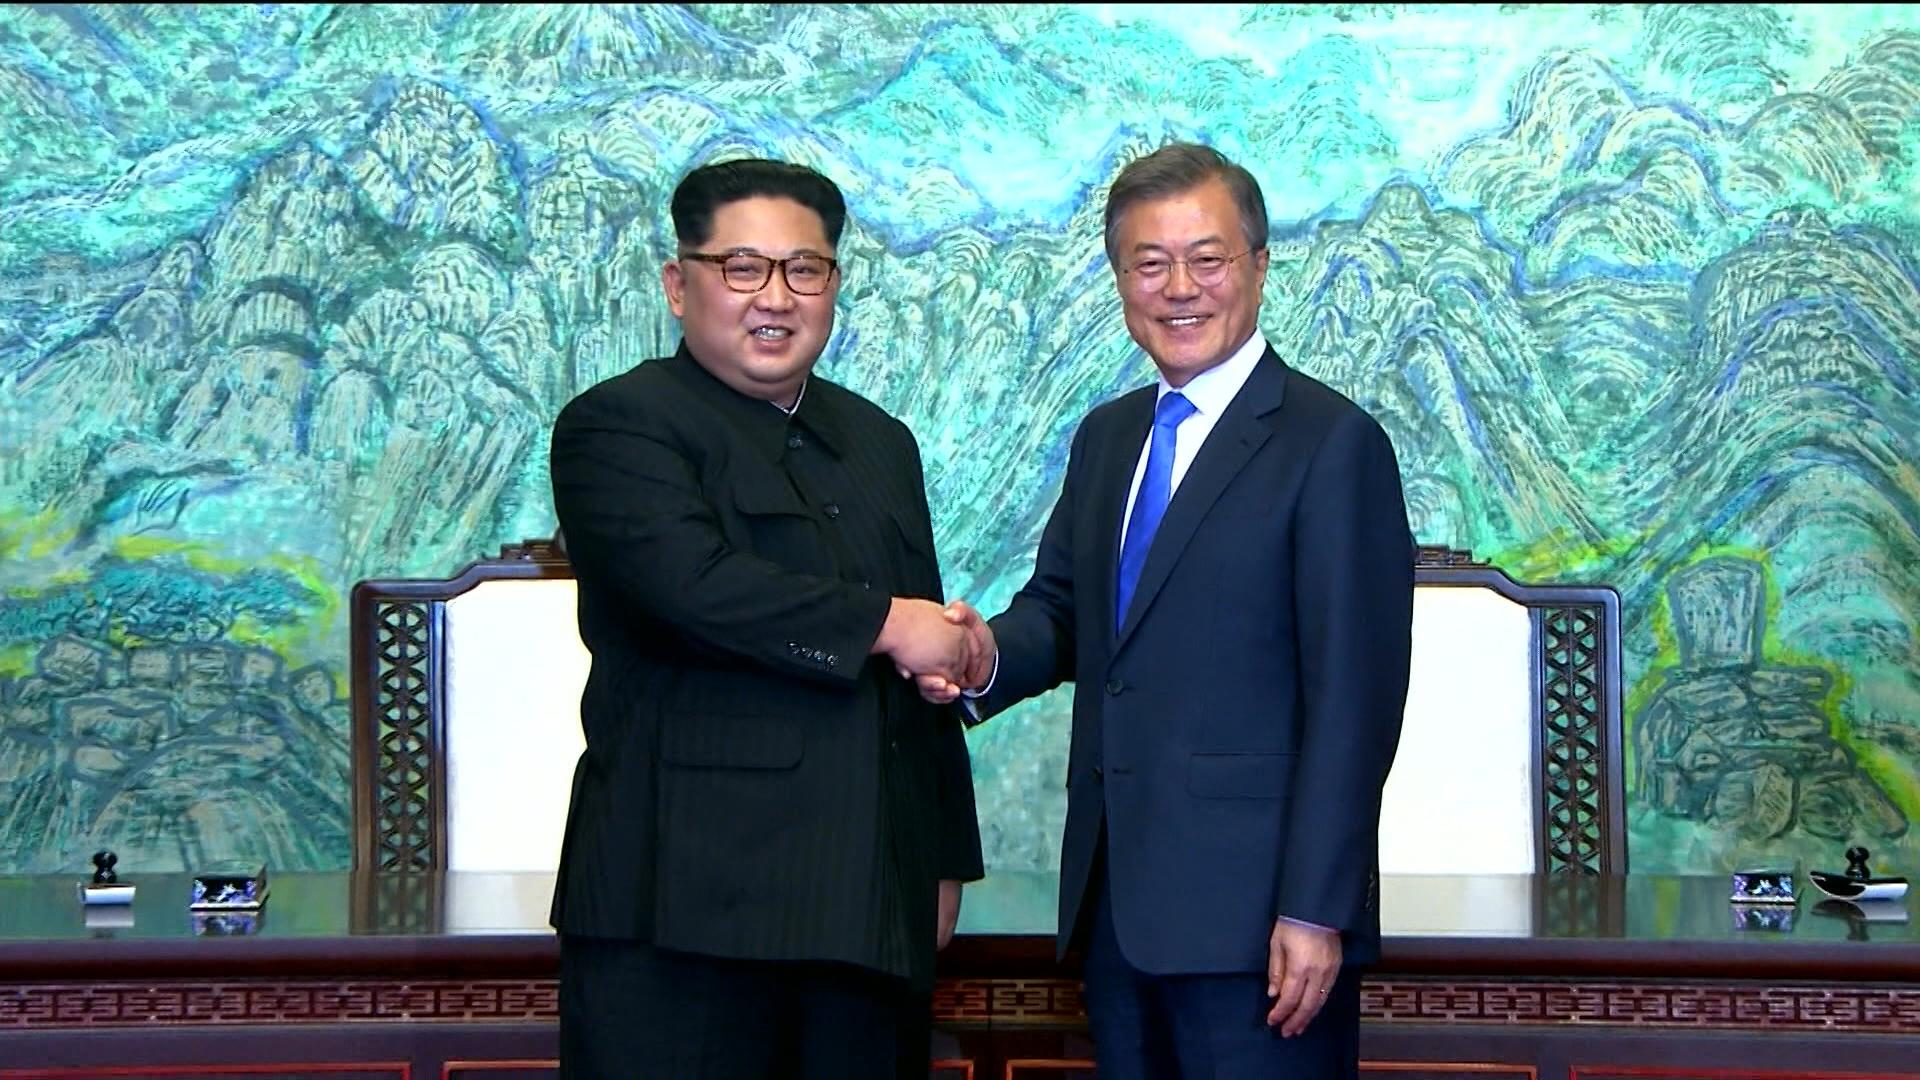 [판문점선언1년] 한반도 평화 물결, 북미협상 교착에 '제자리 걸음'